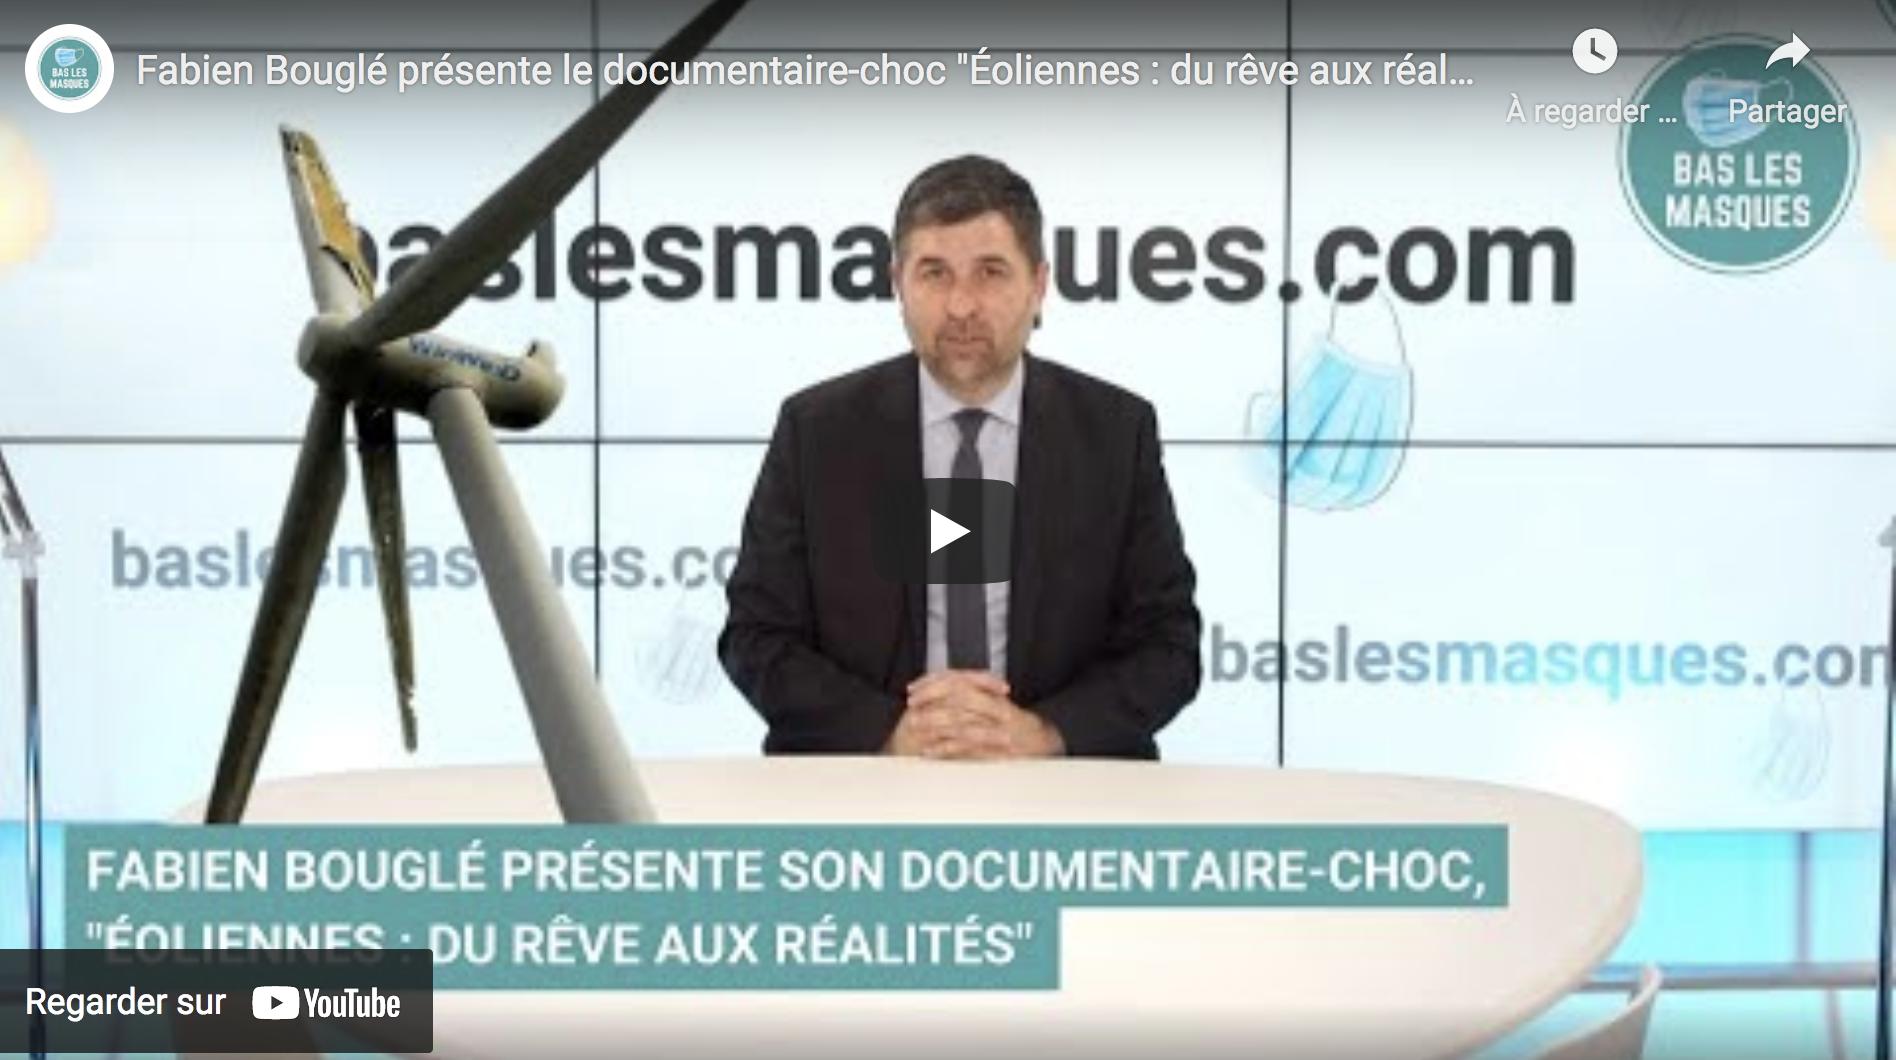 """Fabien Bouglé présente le documentaire-choc """"Éoliennes : du rêve aux réalités"""" (VIDÉO)"""